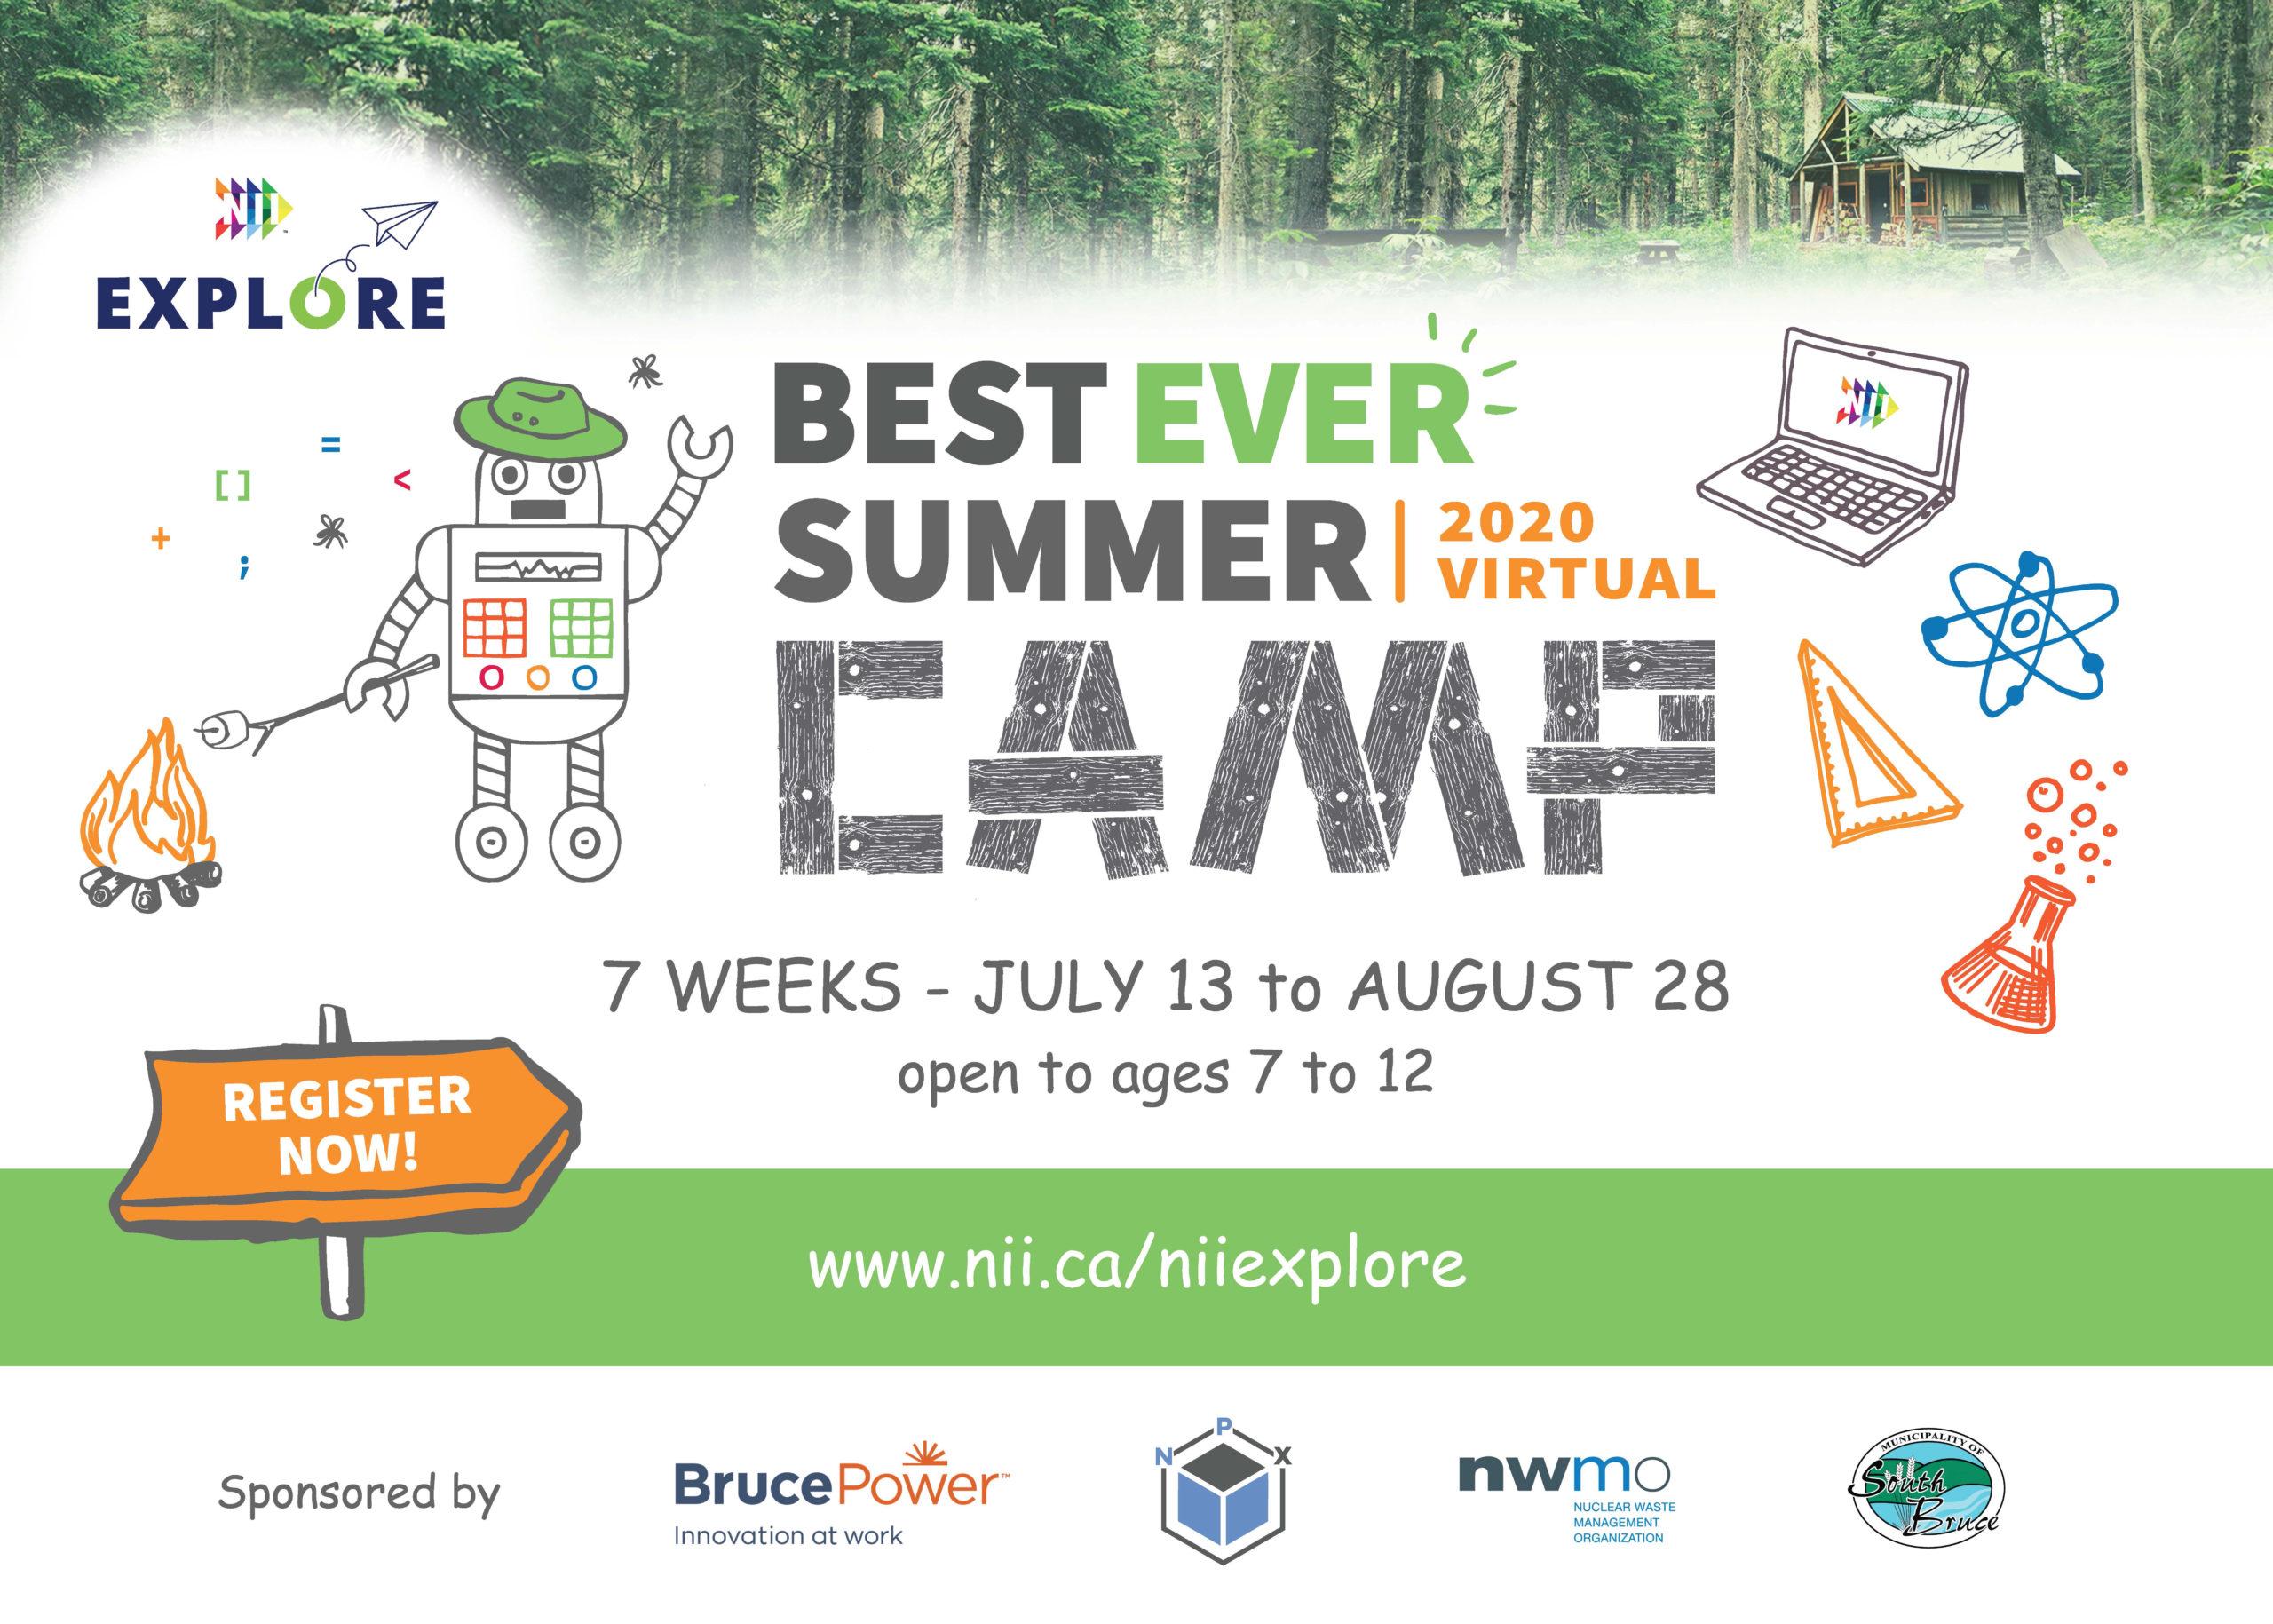 2020 Best Ever Summer Camp advertisement